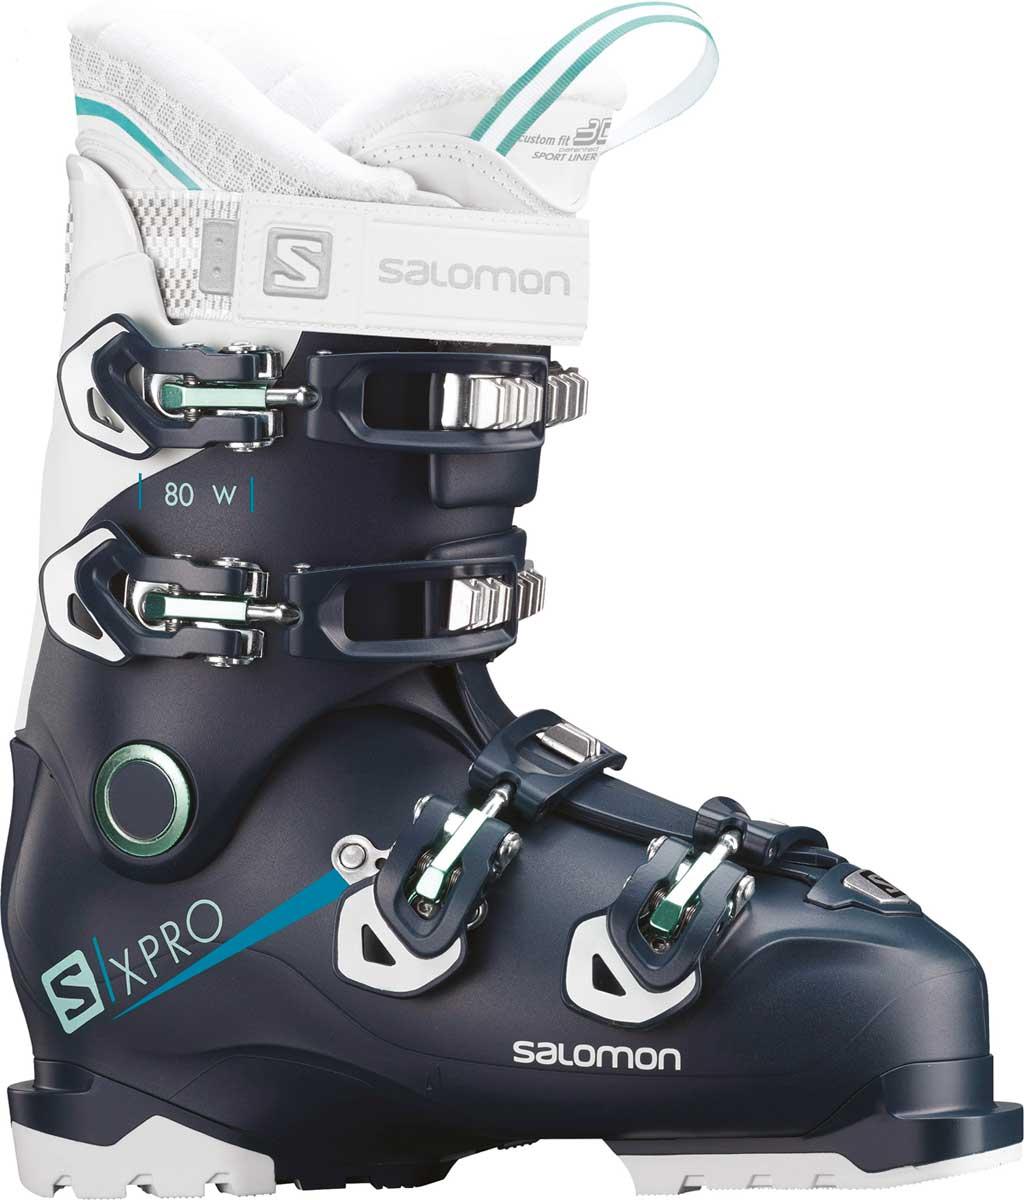 驚きの安さ SALOMON(サロモン) プロ 80 L40551800 X PRO 80 W エックス プロ レディース PRO スキーブーツ, 播磨町:94444fa8 --- clftranspo.dominiotemporario.com